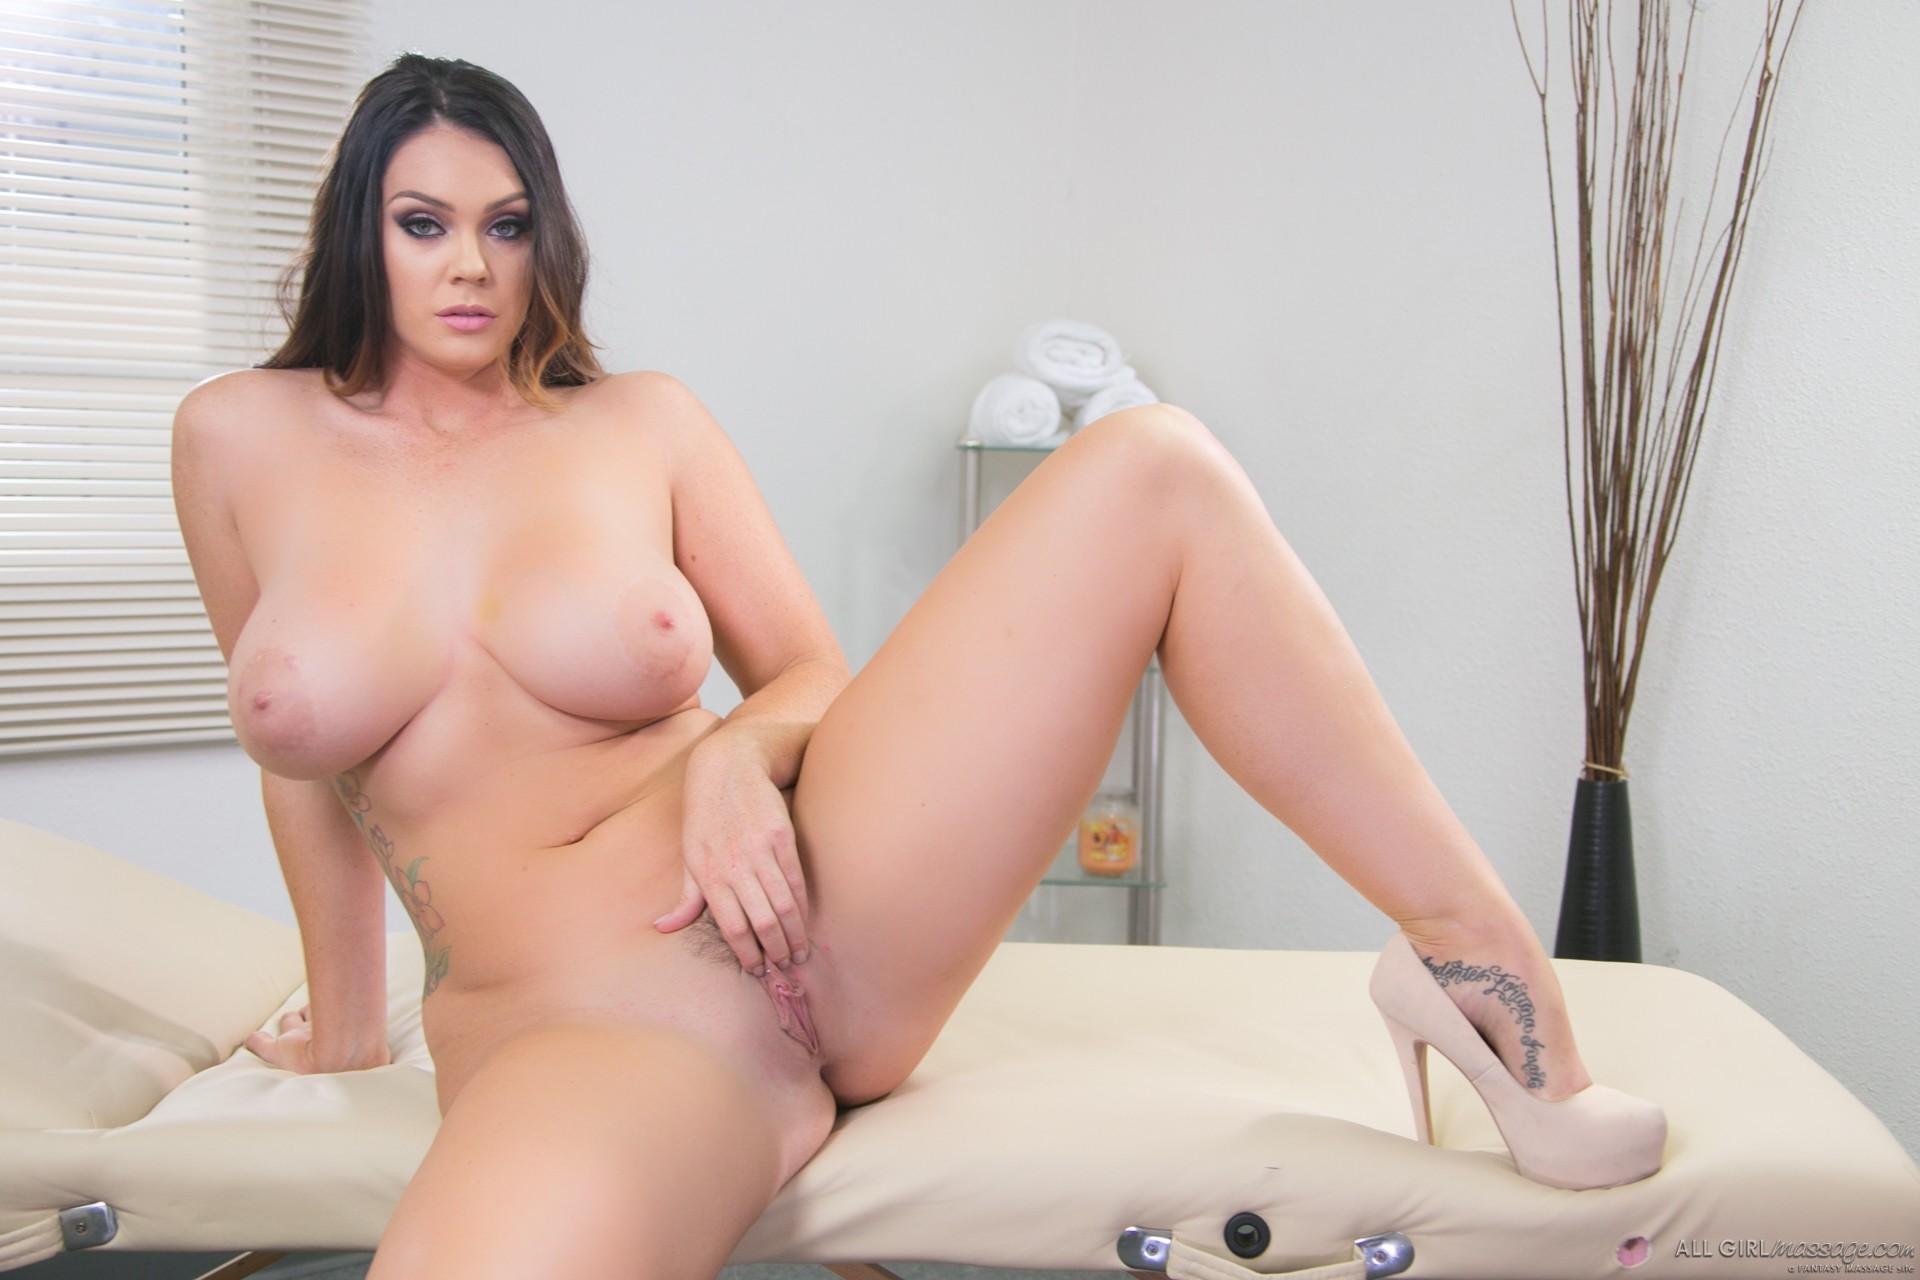 Alison teal porno, breast pornstar